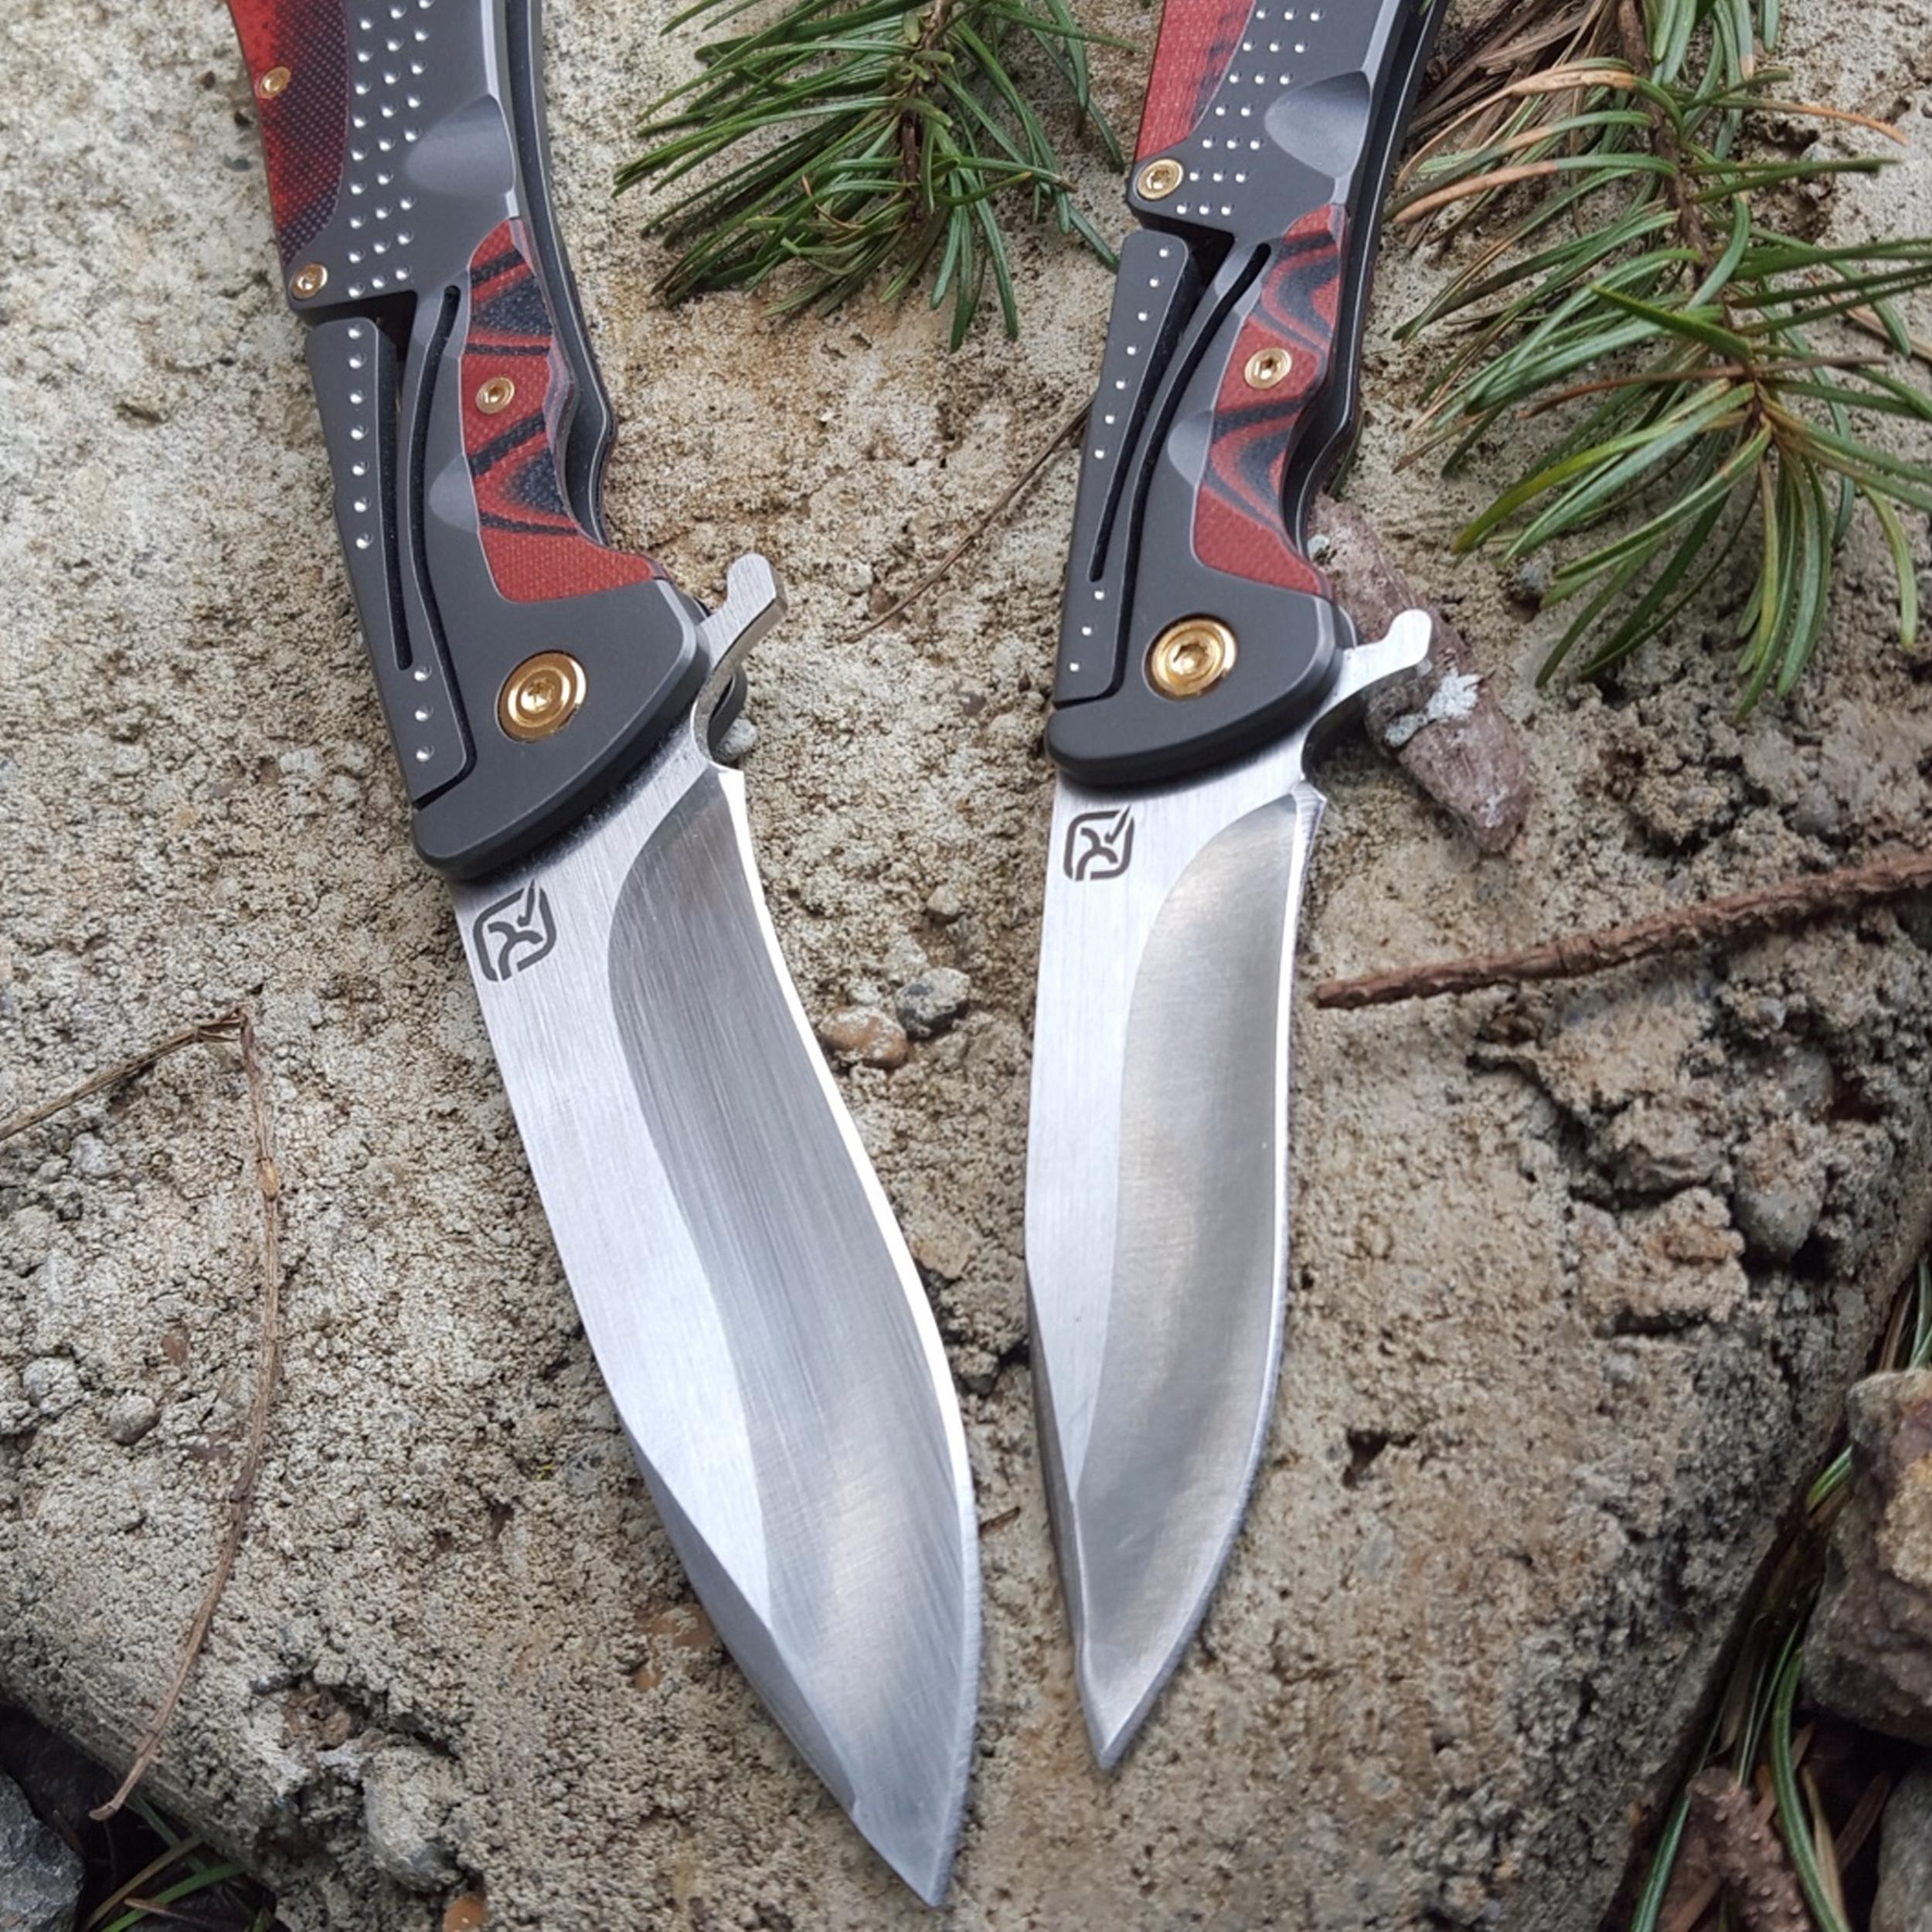 Klecker-Knives-Cordovan-Lite-Folding-Knife-2-88-034-Blade-Stainless-Steel thumbnail 6